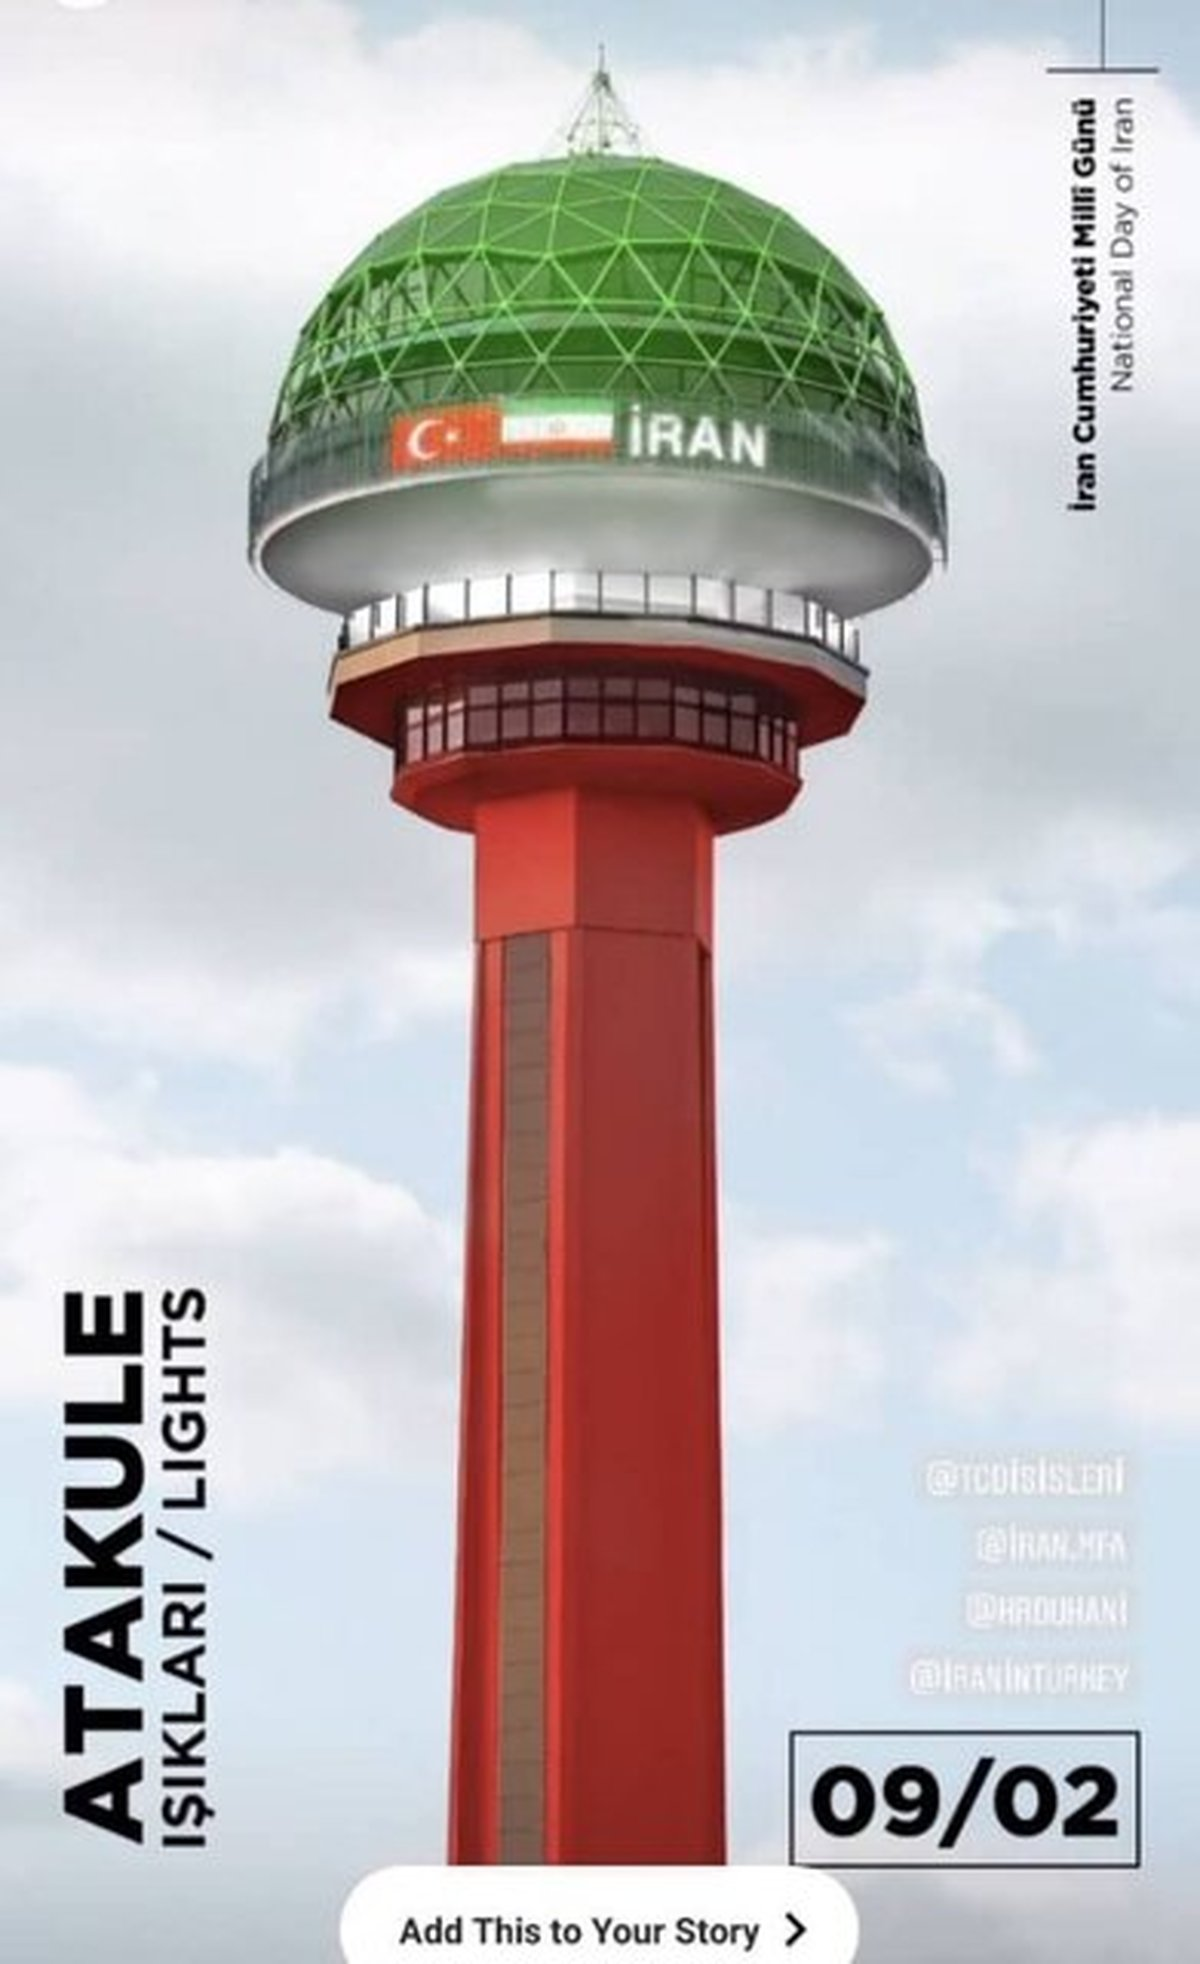 برج «آتاکوله» آنکارا به رنگ پرچم ایران در خواهد آمد